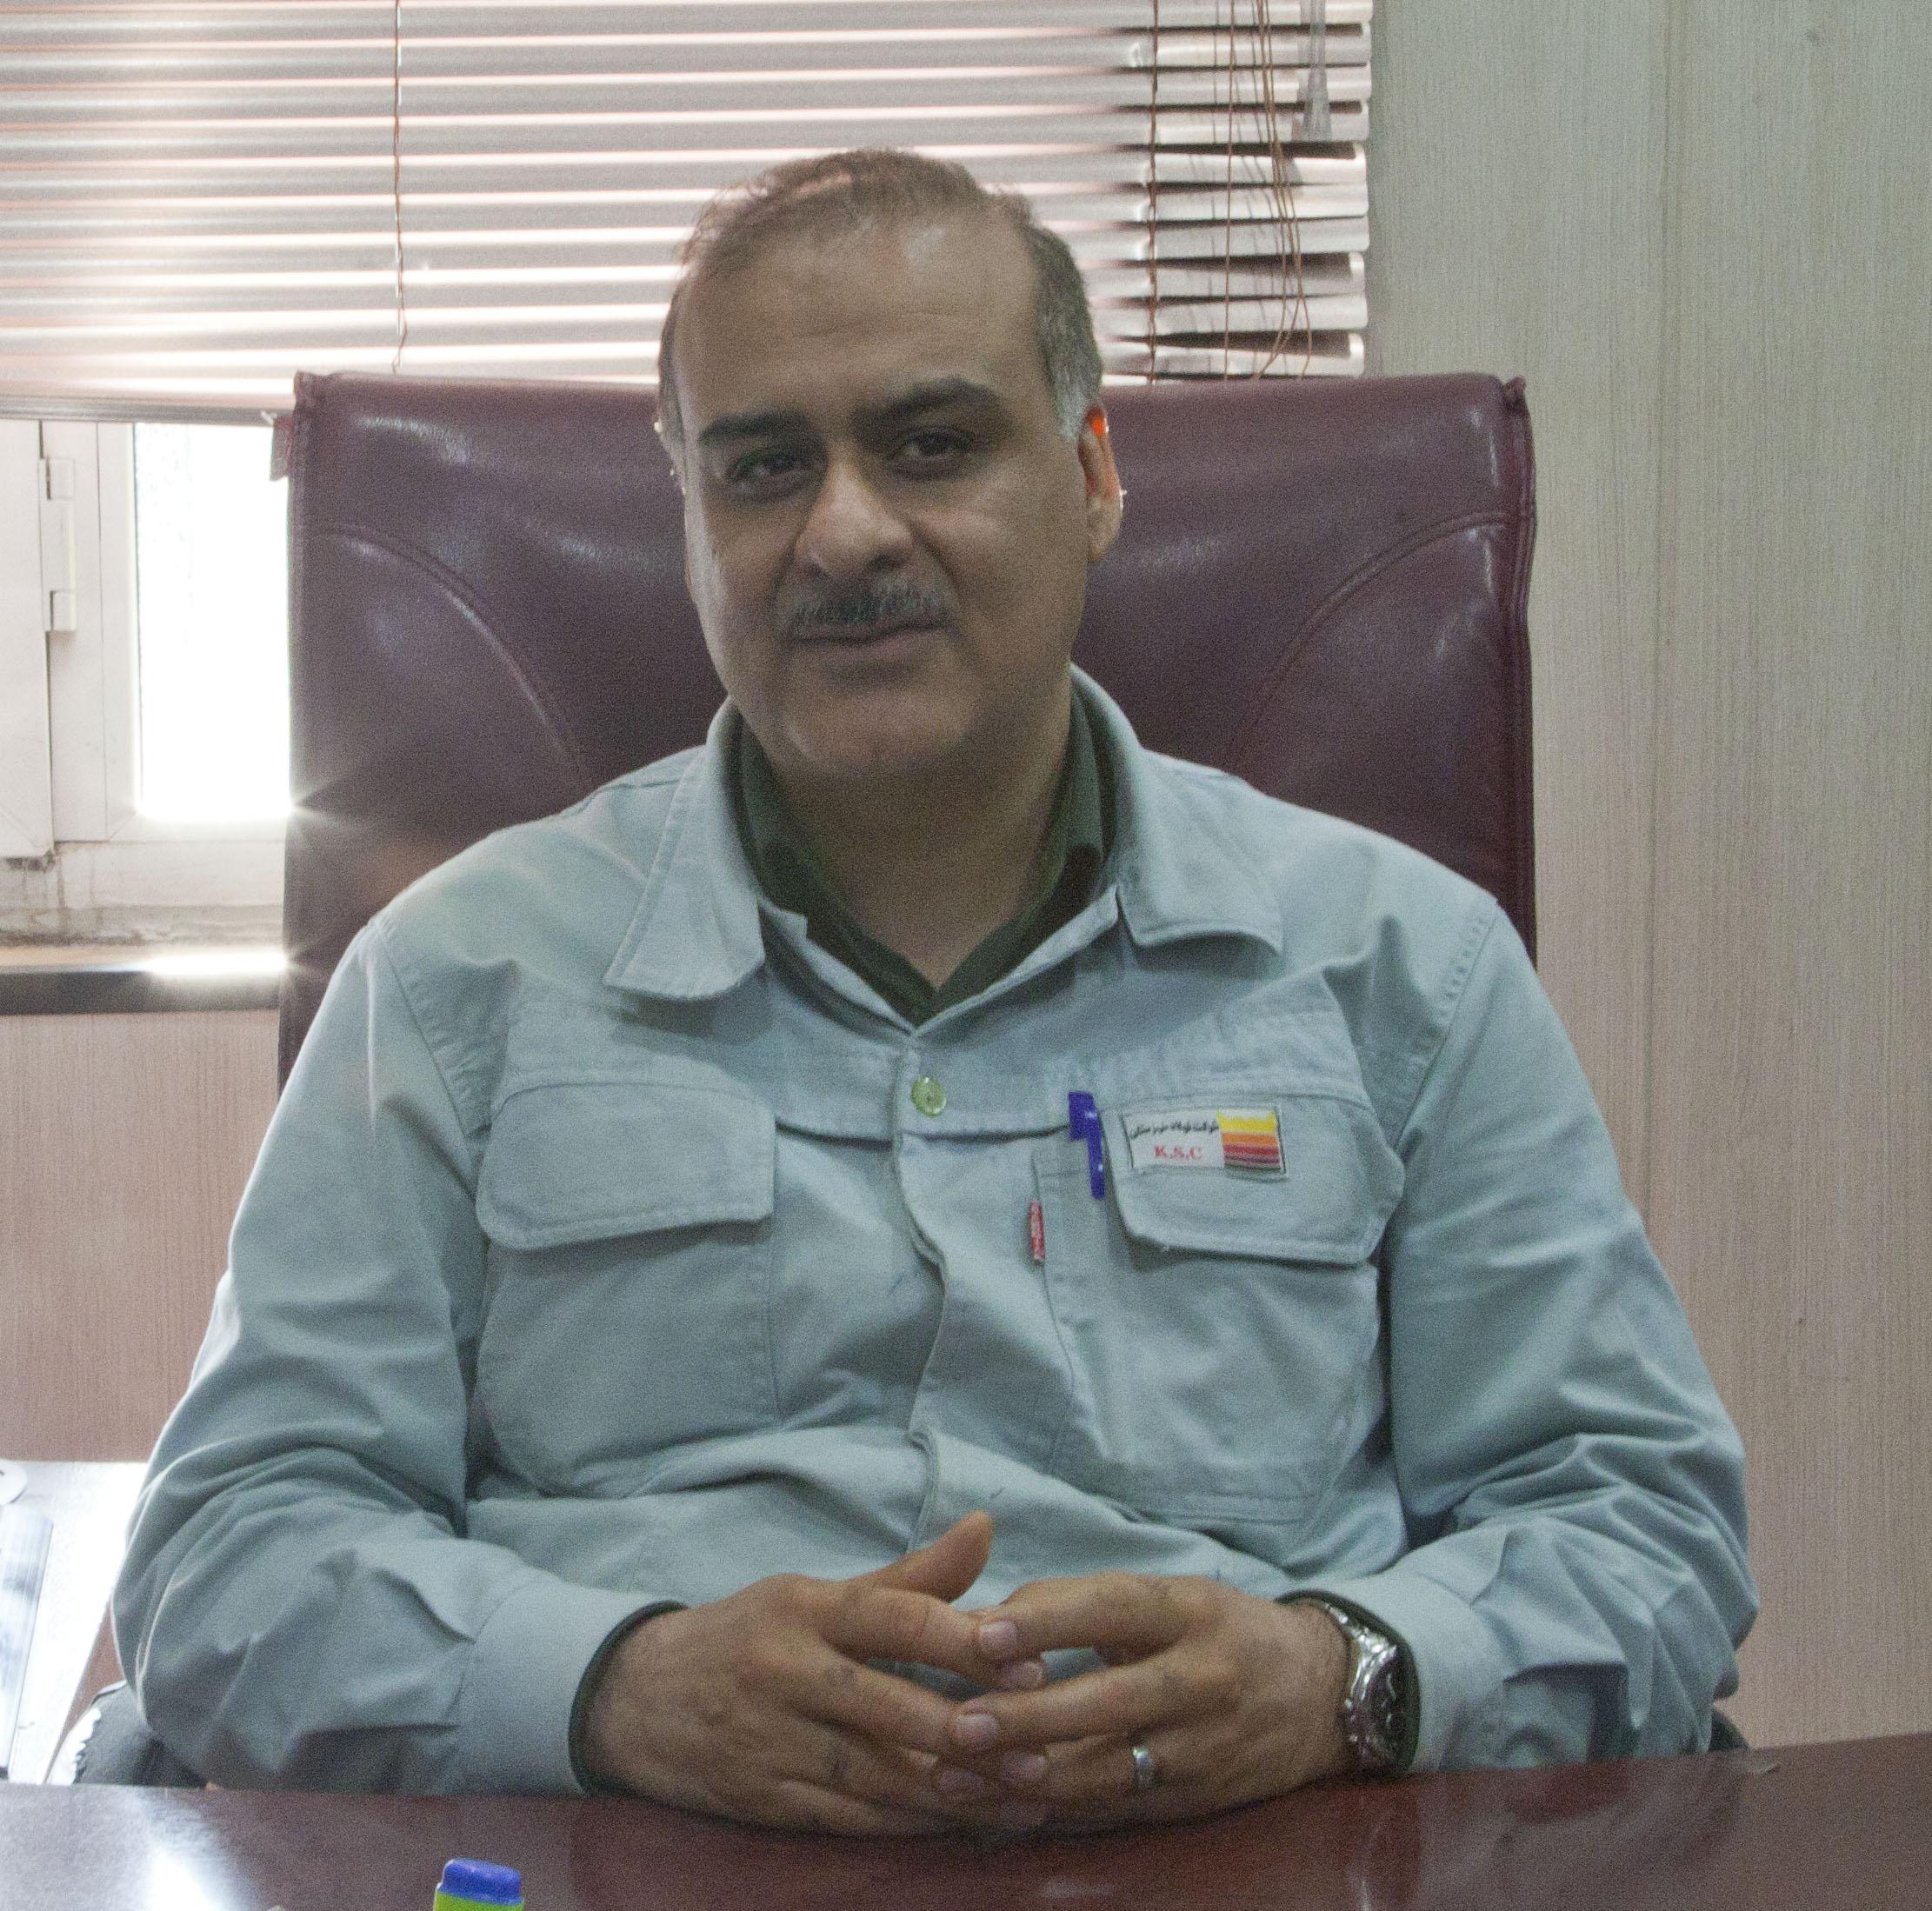 تامین نیاز آهن اسفنجی فولاد خوزستان با بهرهبرداری از پروژه زمزم 3